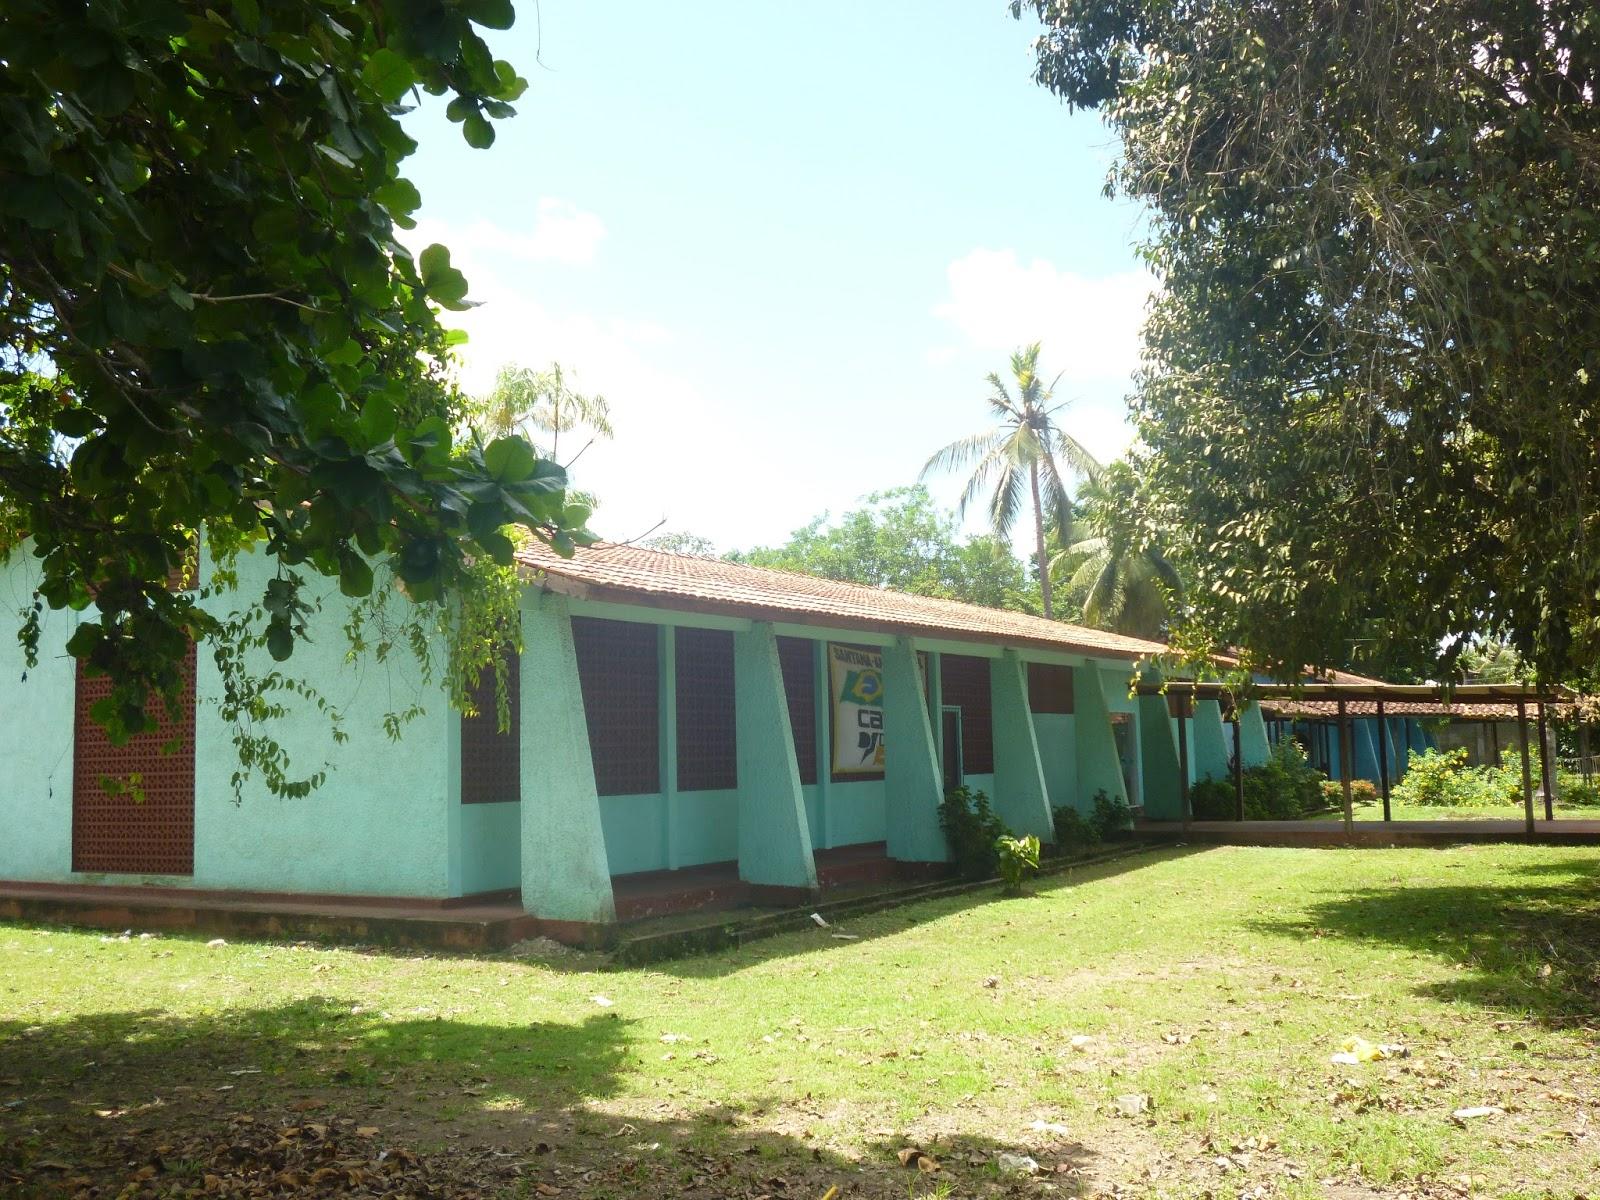 Resultado de imagem para centro de convivência vitória régia amapá santana